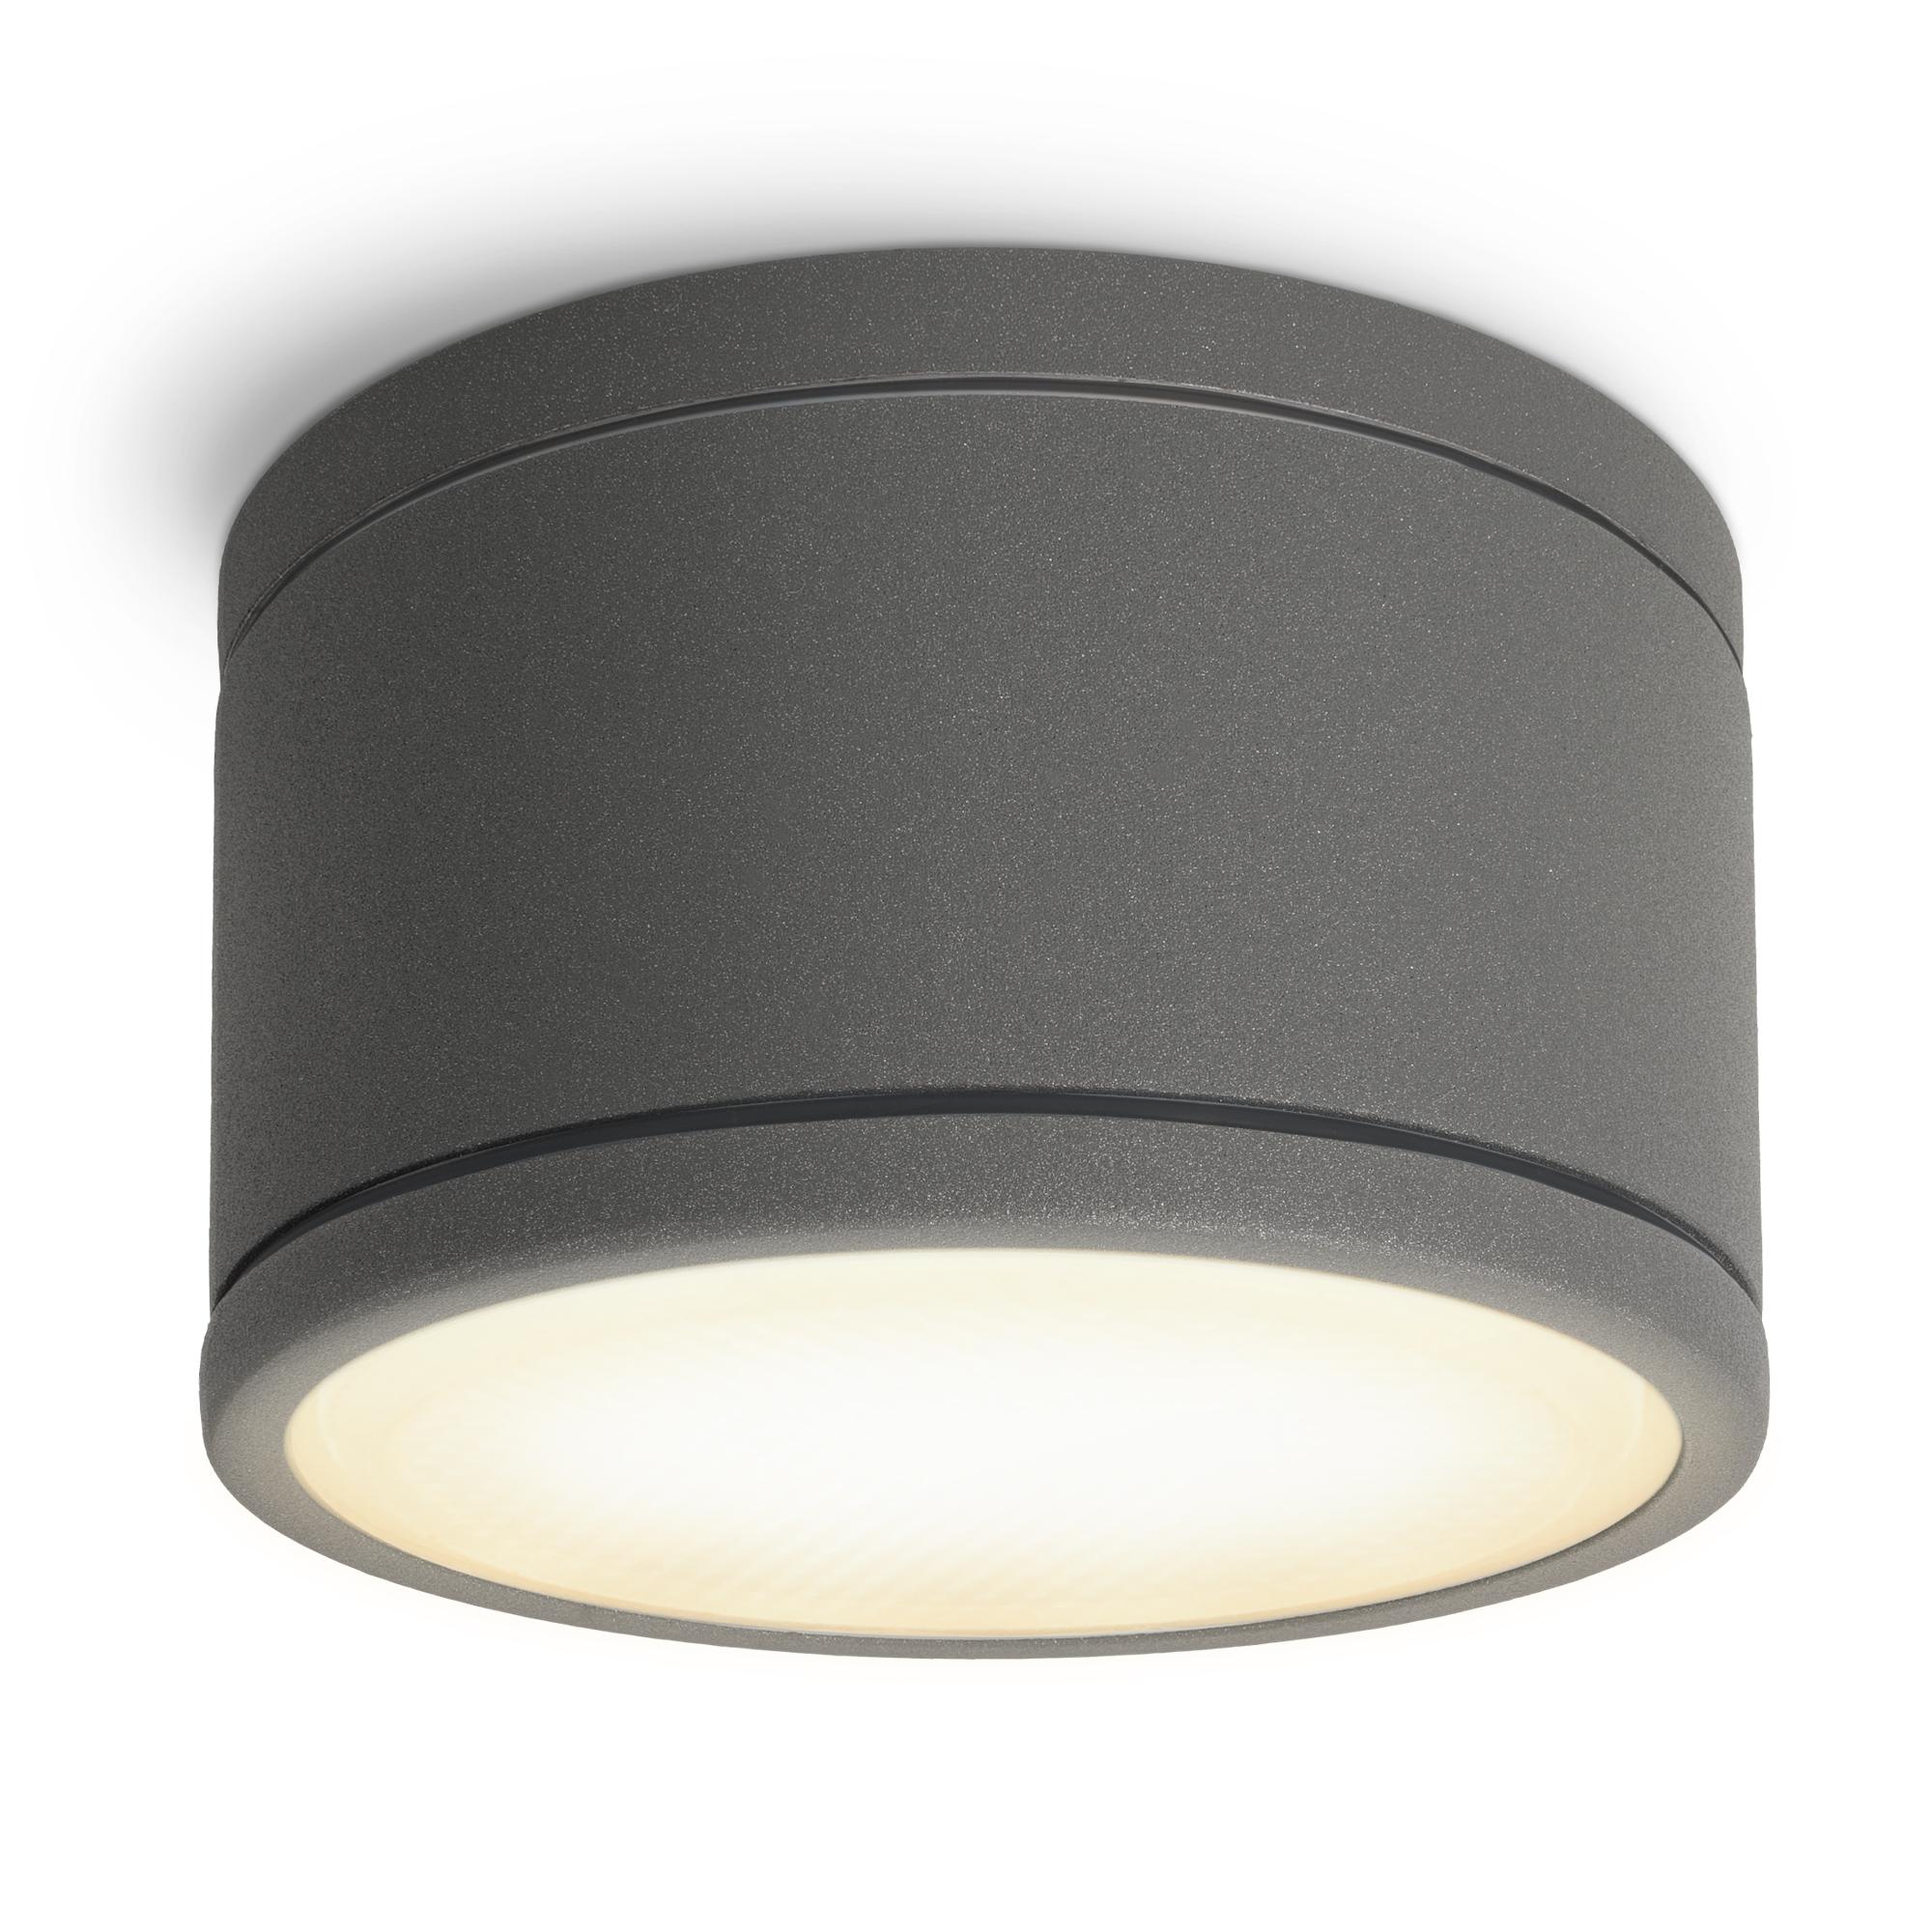 CELI WX Bad Aufbauspot dimmbar flach IP20 anthrazit mit LED GX20 Lampe 20,20W  warmweiß 20V